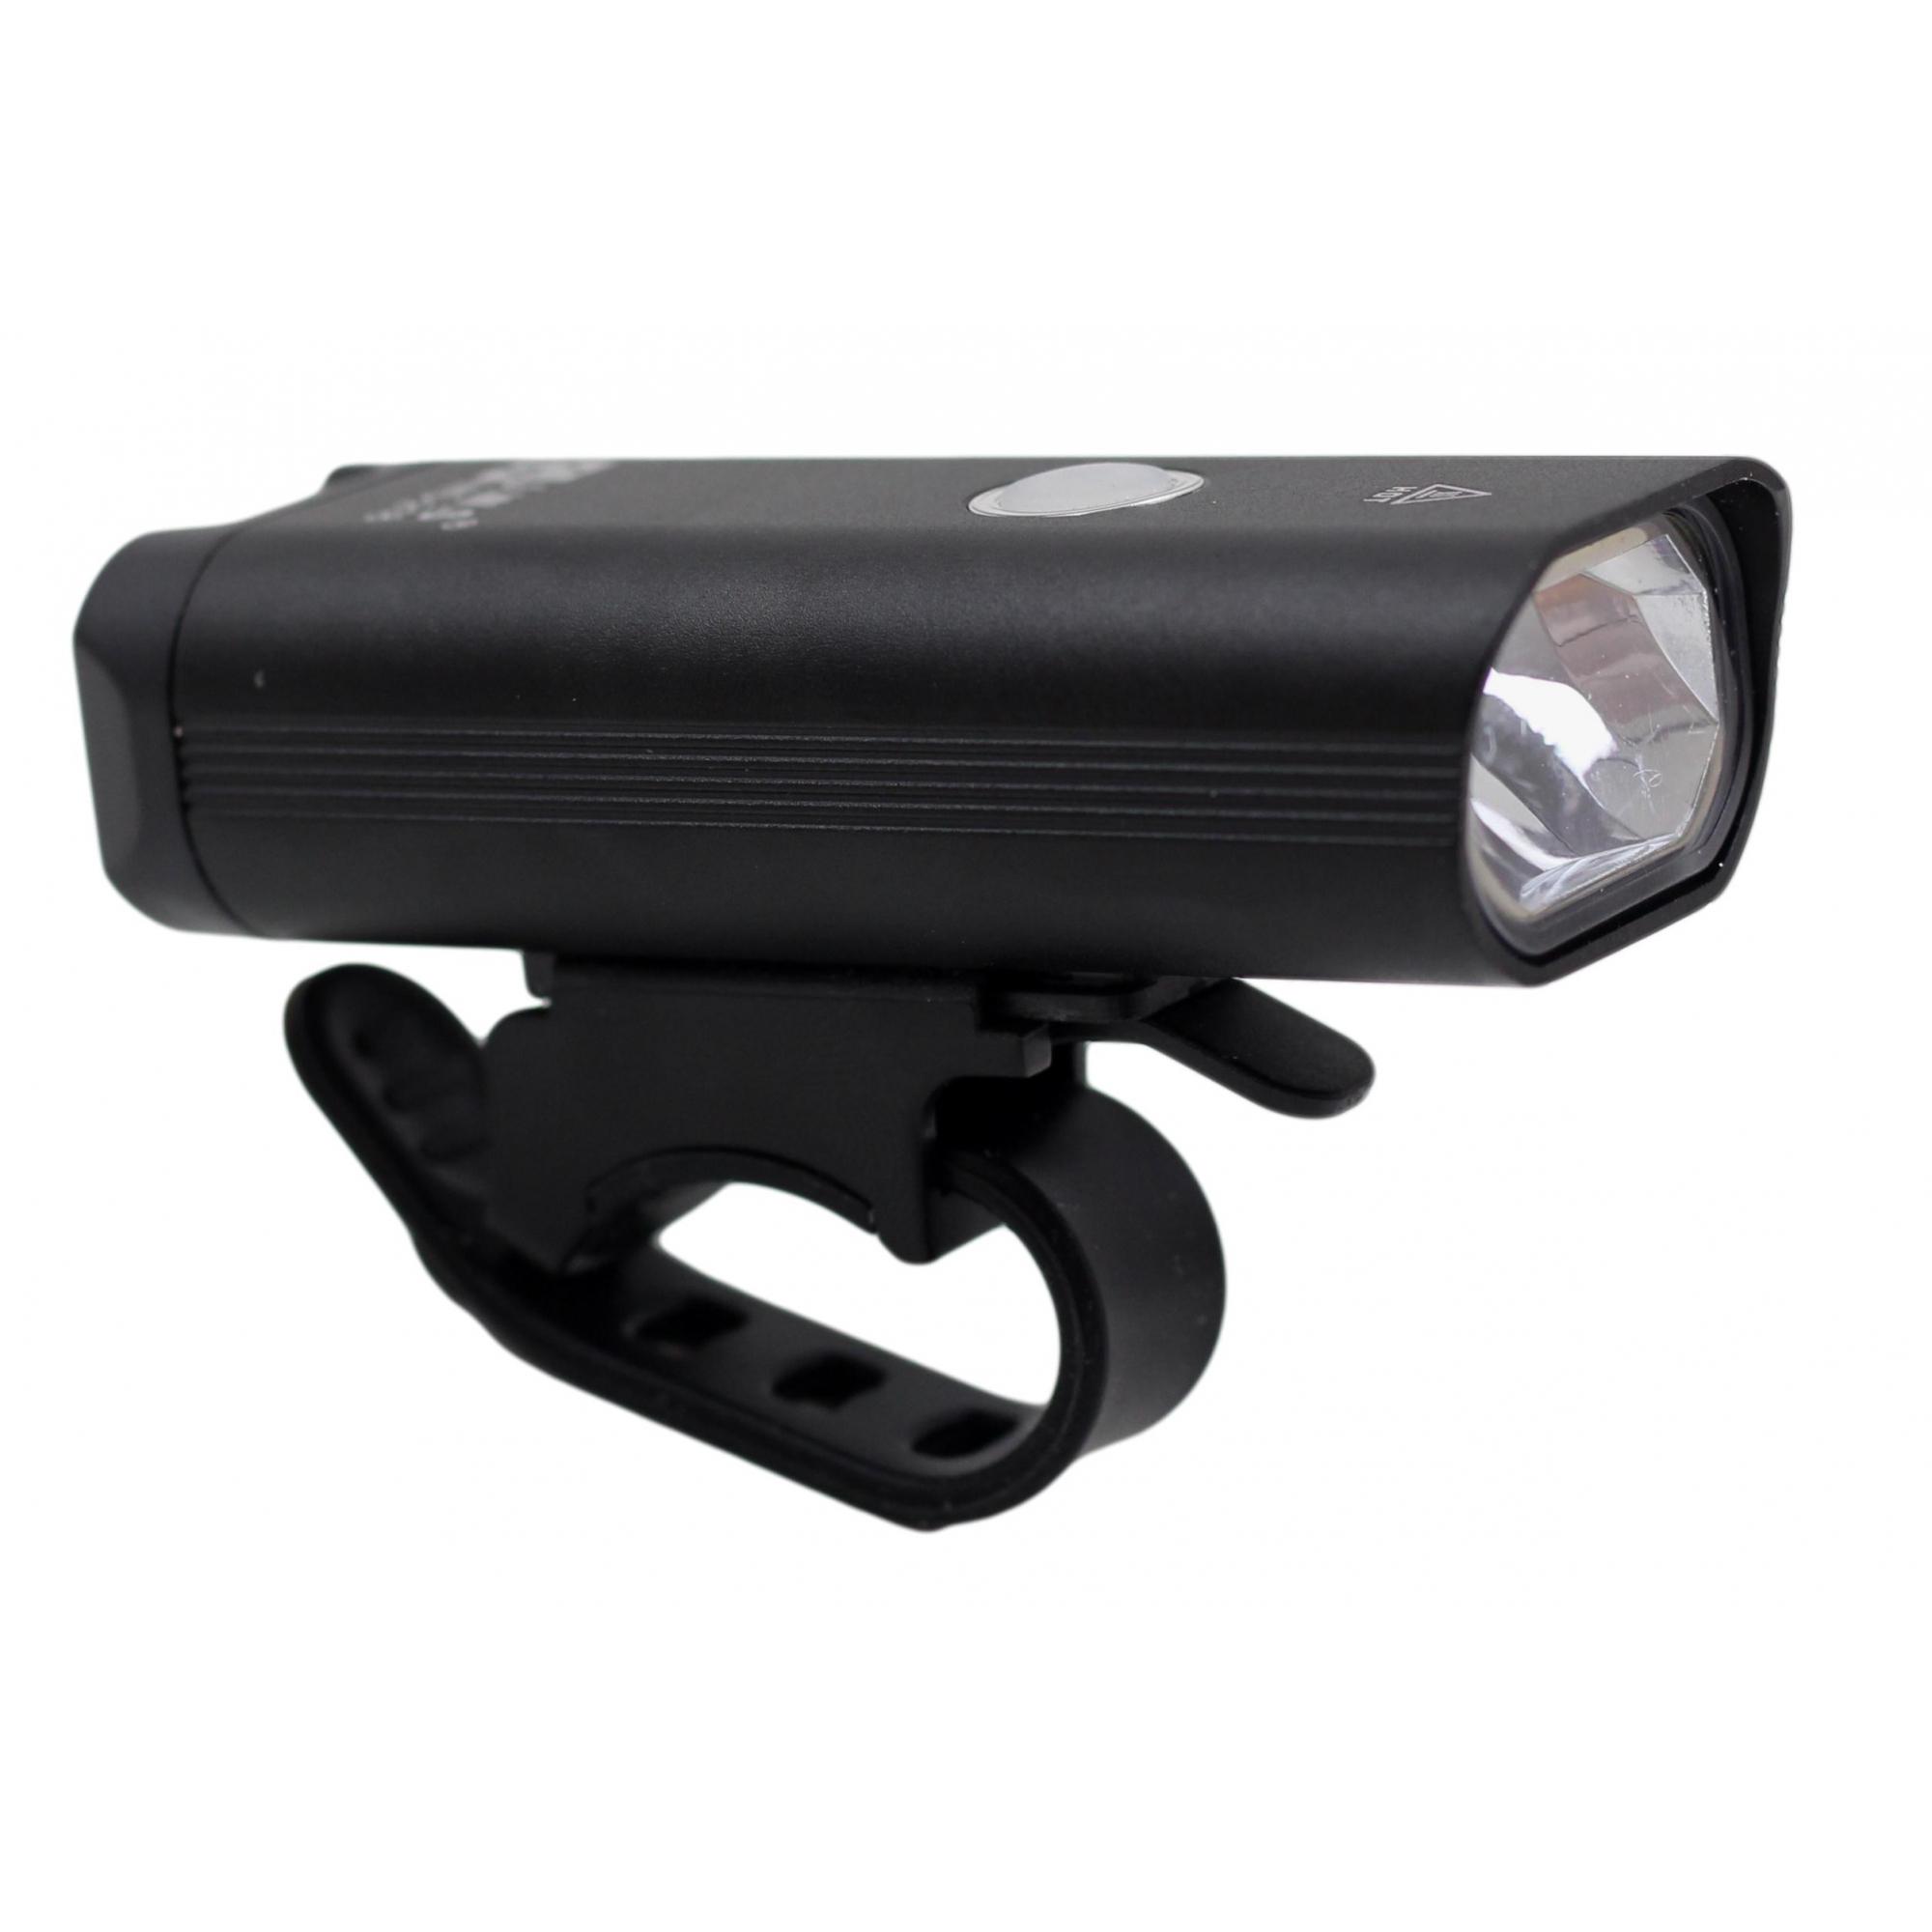 Lanterna Farol Dianteiro para Bicicleta JWS WS-218 Super Led 400 Lúmens Preto Recarregavél